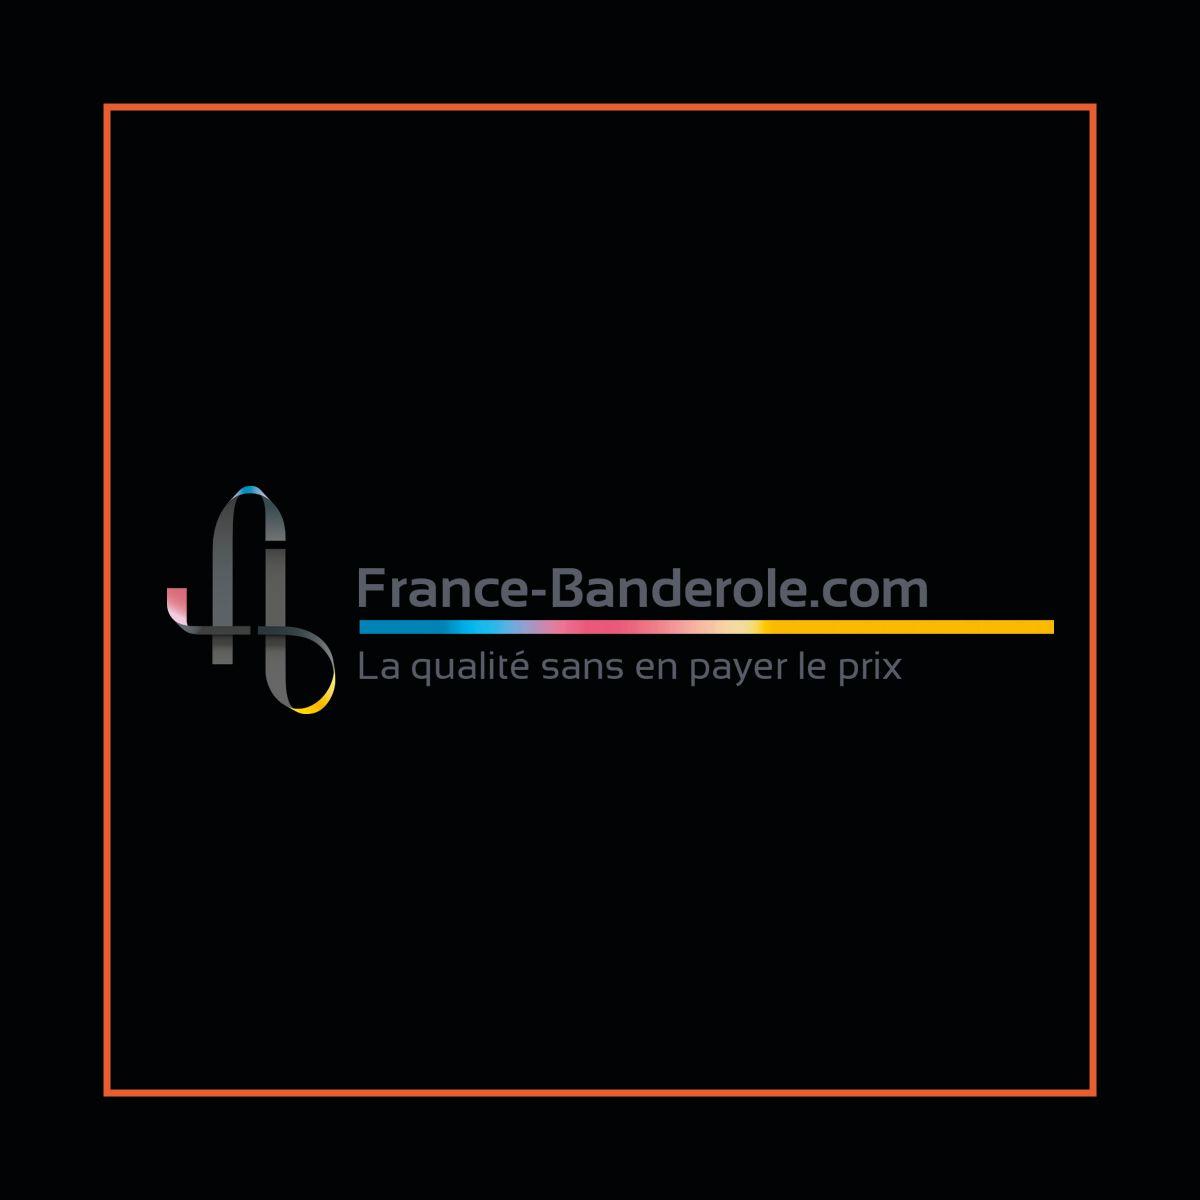 france banderole logo